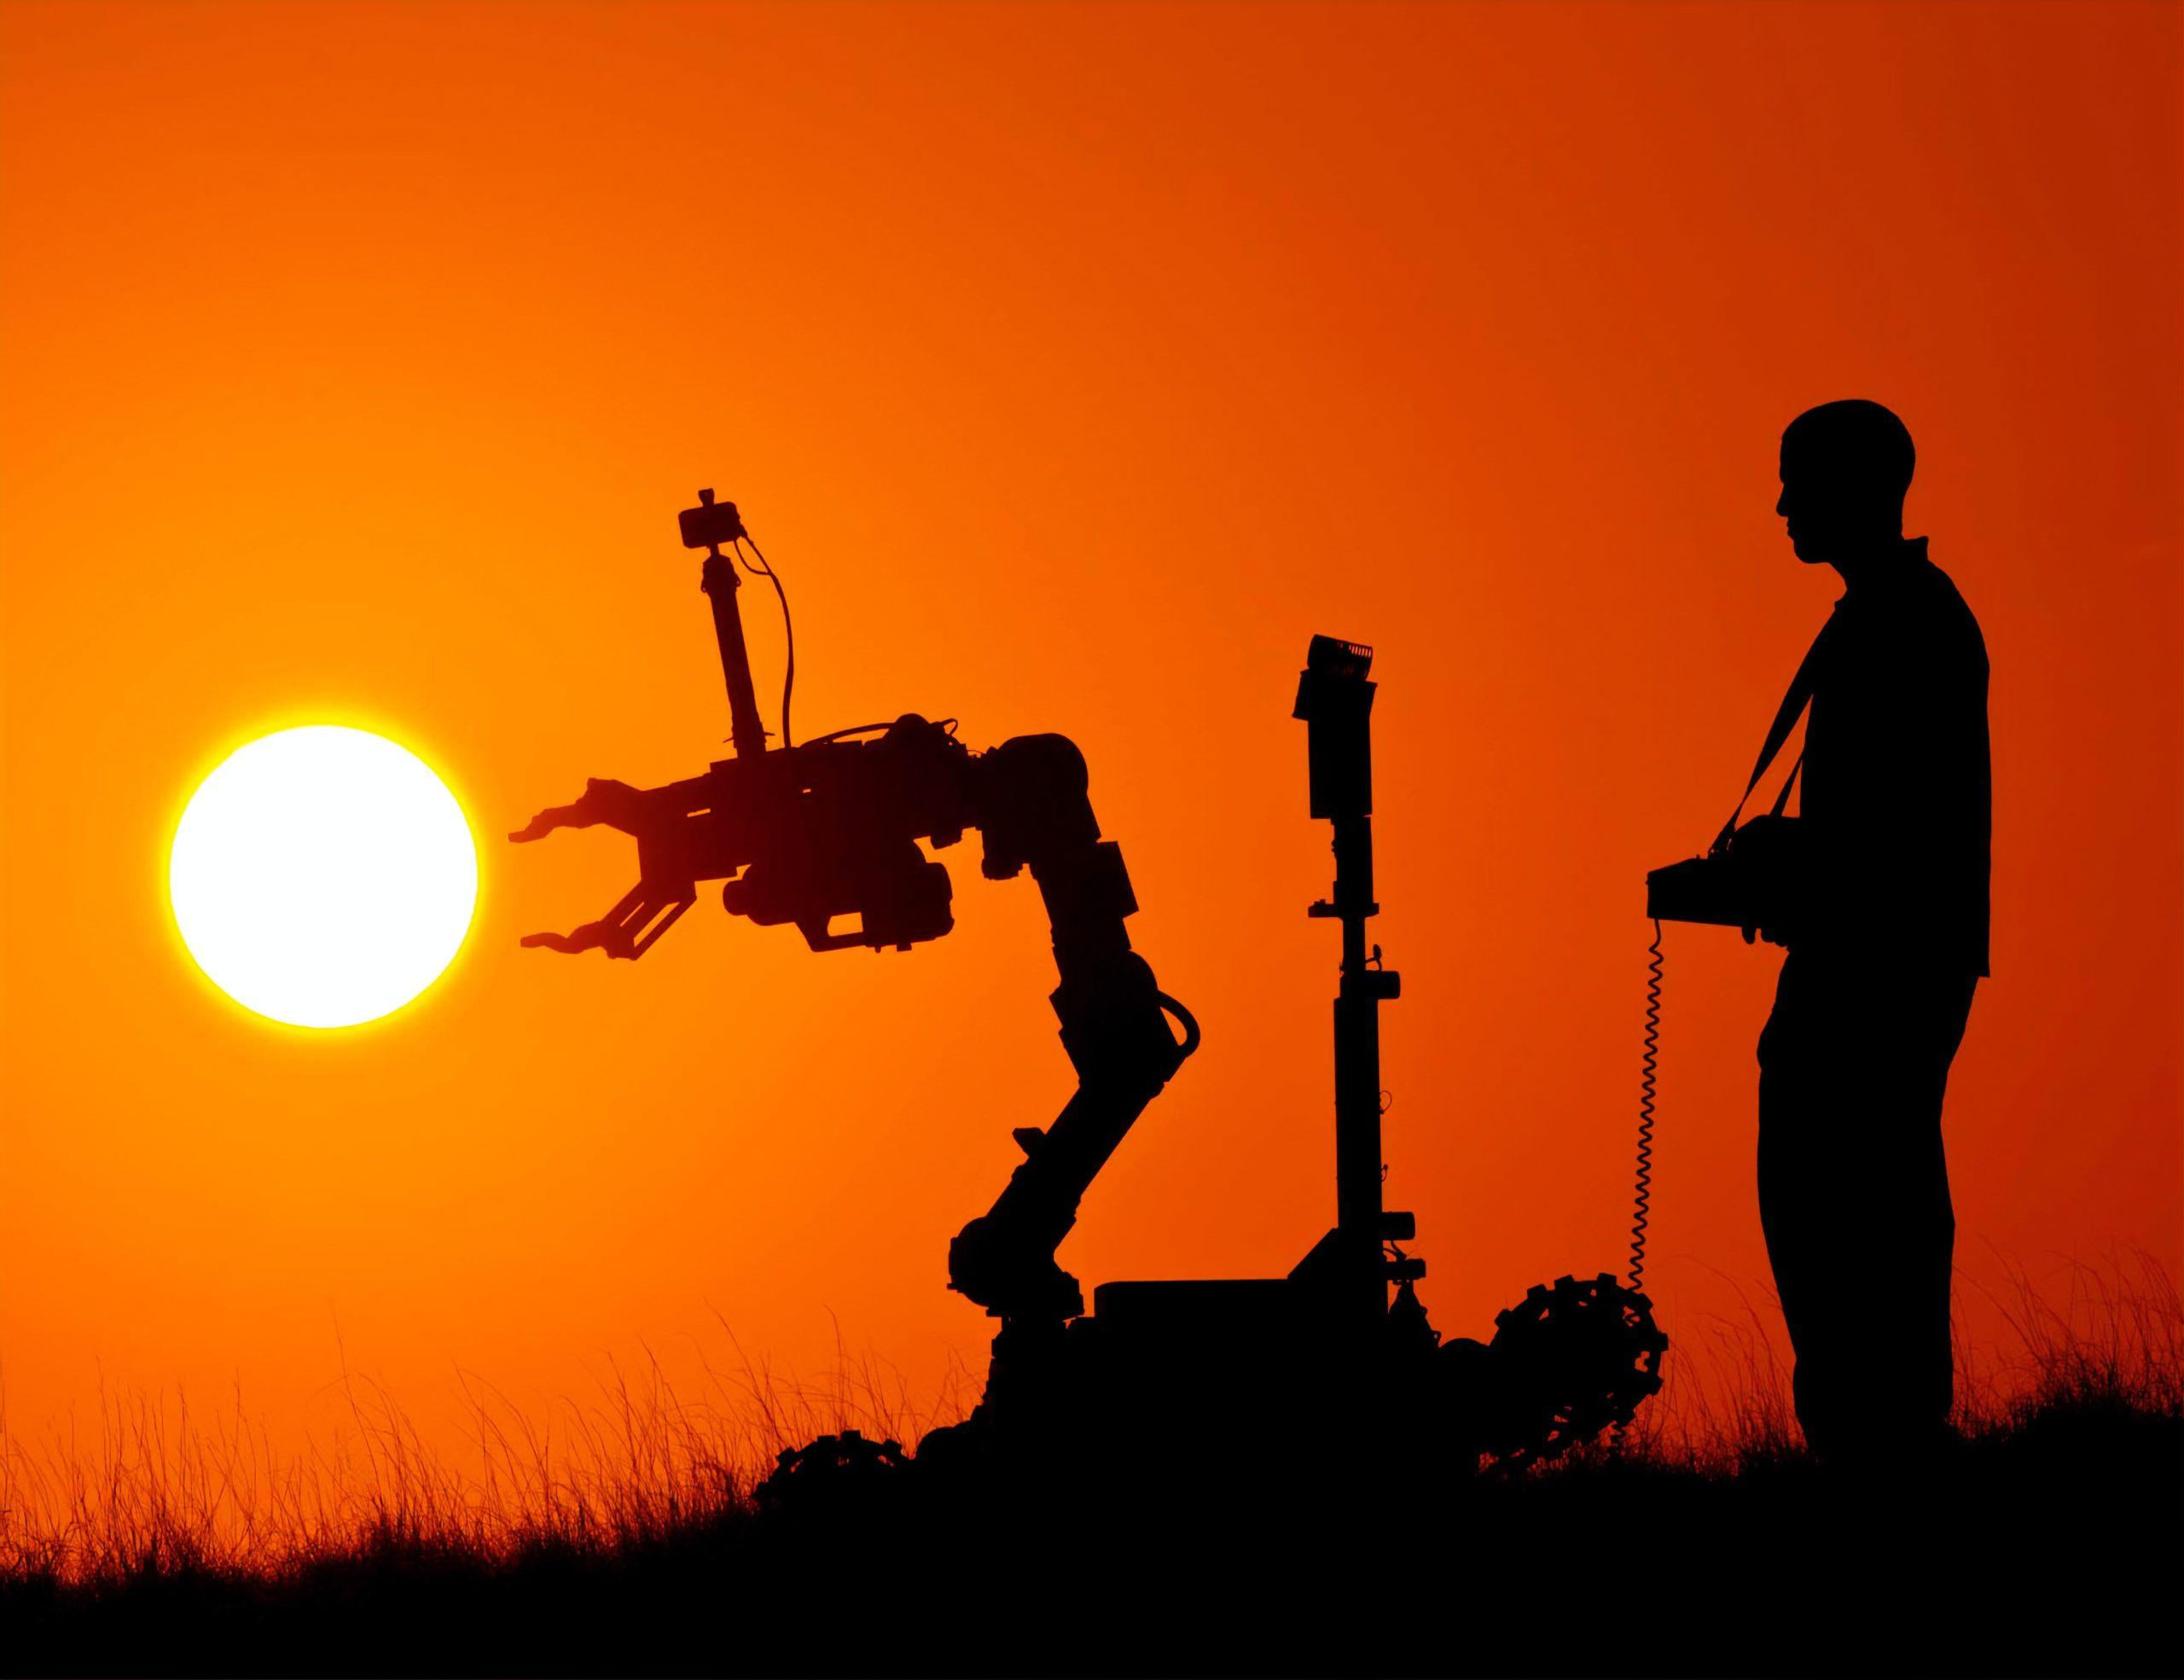 これからはロボットの時代です【それでもまだ人の力が必要です】